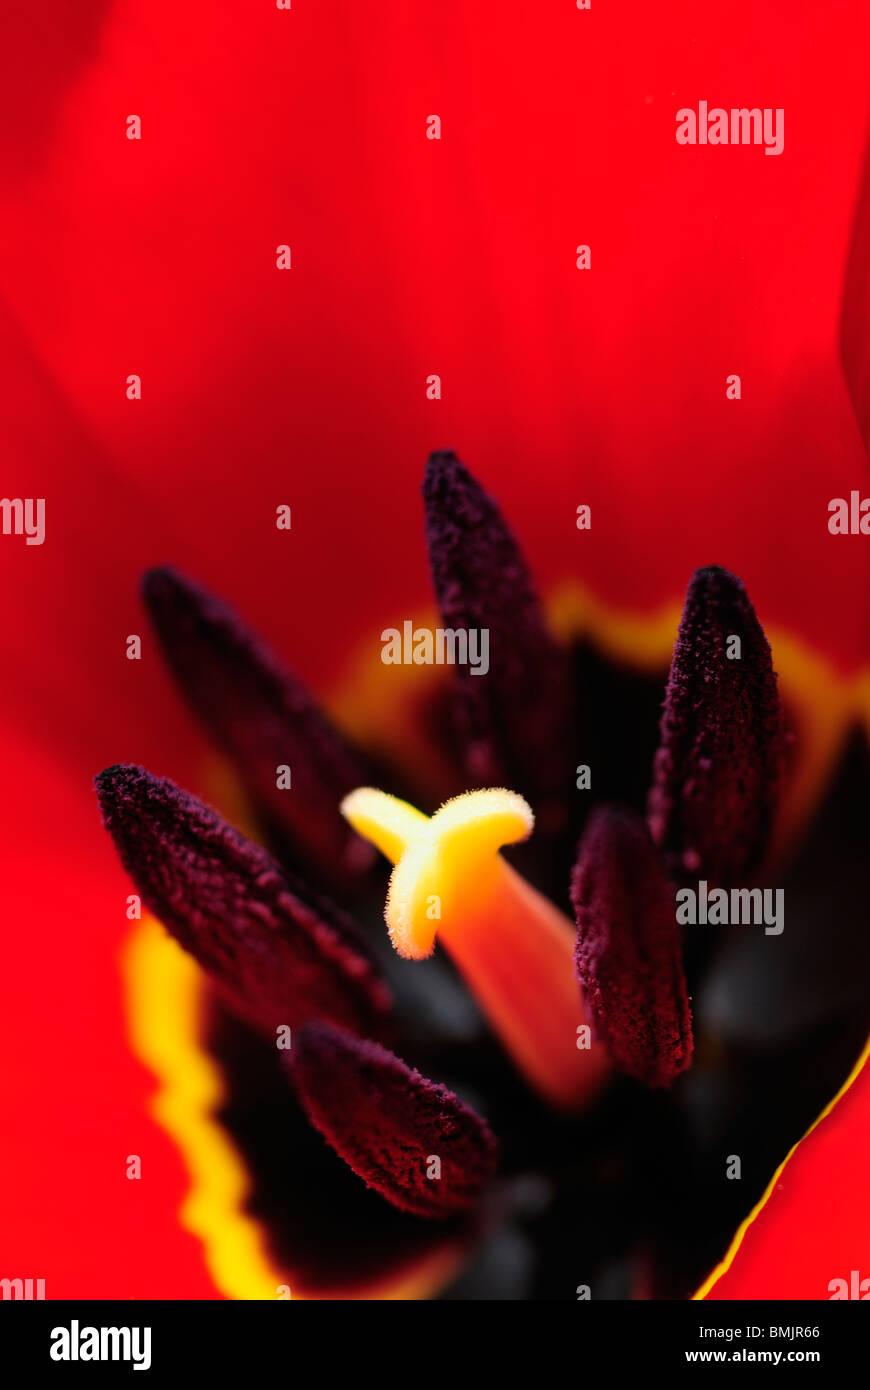 La Scandinavia, Svezia, Vastergotland, Molndal, dettaglio di tulip flower (differenziale) di messa a fuoco Immagini Stock